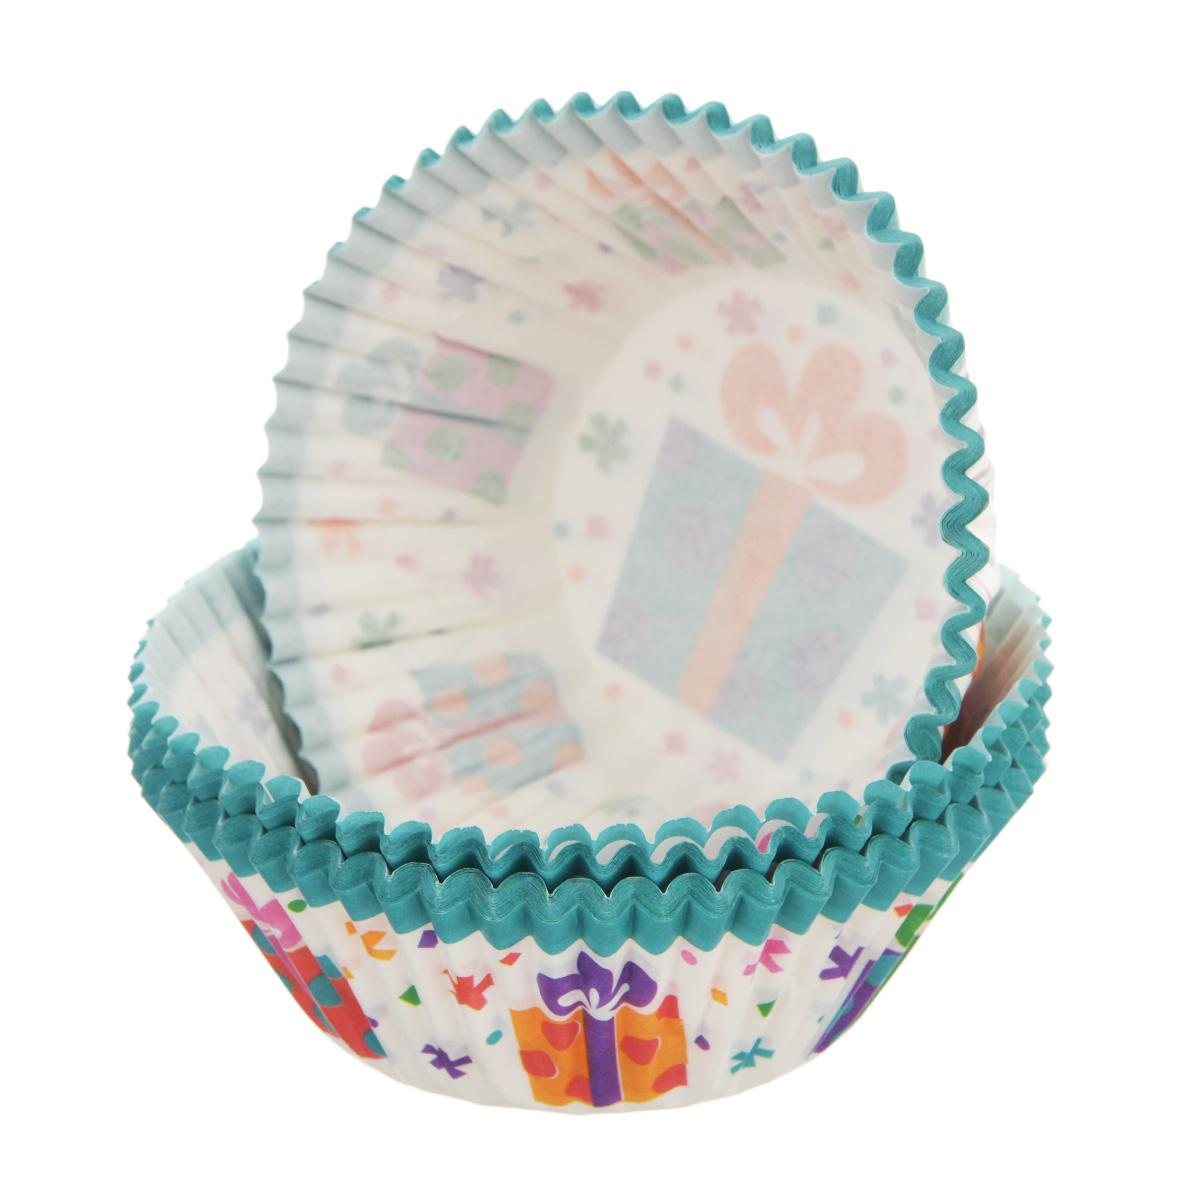 Набор бумажных форм для кексов Wilton Праздник, диаметр 5 см, 75 шт54 009312Набор Wilton Праздник состоит из 75 бумажных форм для кексов. Они предназначены для выпечки и упаковки кондитерских изделий, также могут использоваться для сервировки орешков, конфет и прочего. Формы не требуют предварительной смазки маслом или жиром. Для одноразового применения. Гофрированные бумажные формы идеальны для выпечки кексов, булочек и пирожных. Диаметр по верхнему краю: 7,4 см.Диаметр по нижнему краю: 5 см.Высота стенки: 3 см. Комплектация: 75 шт.